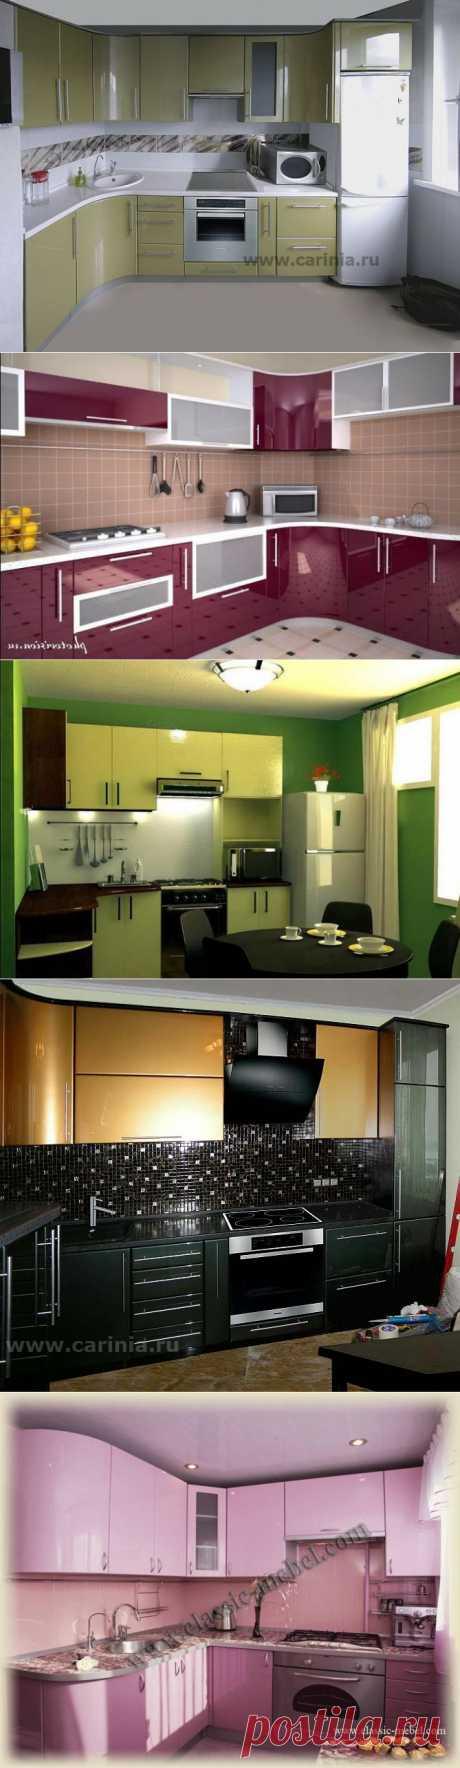 Красивые кухни - 2.